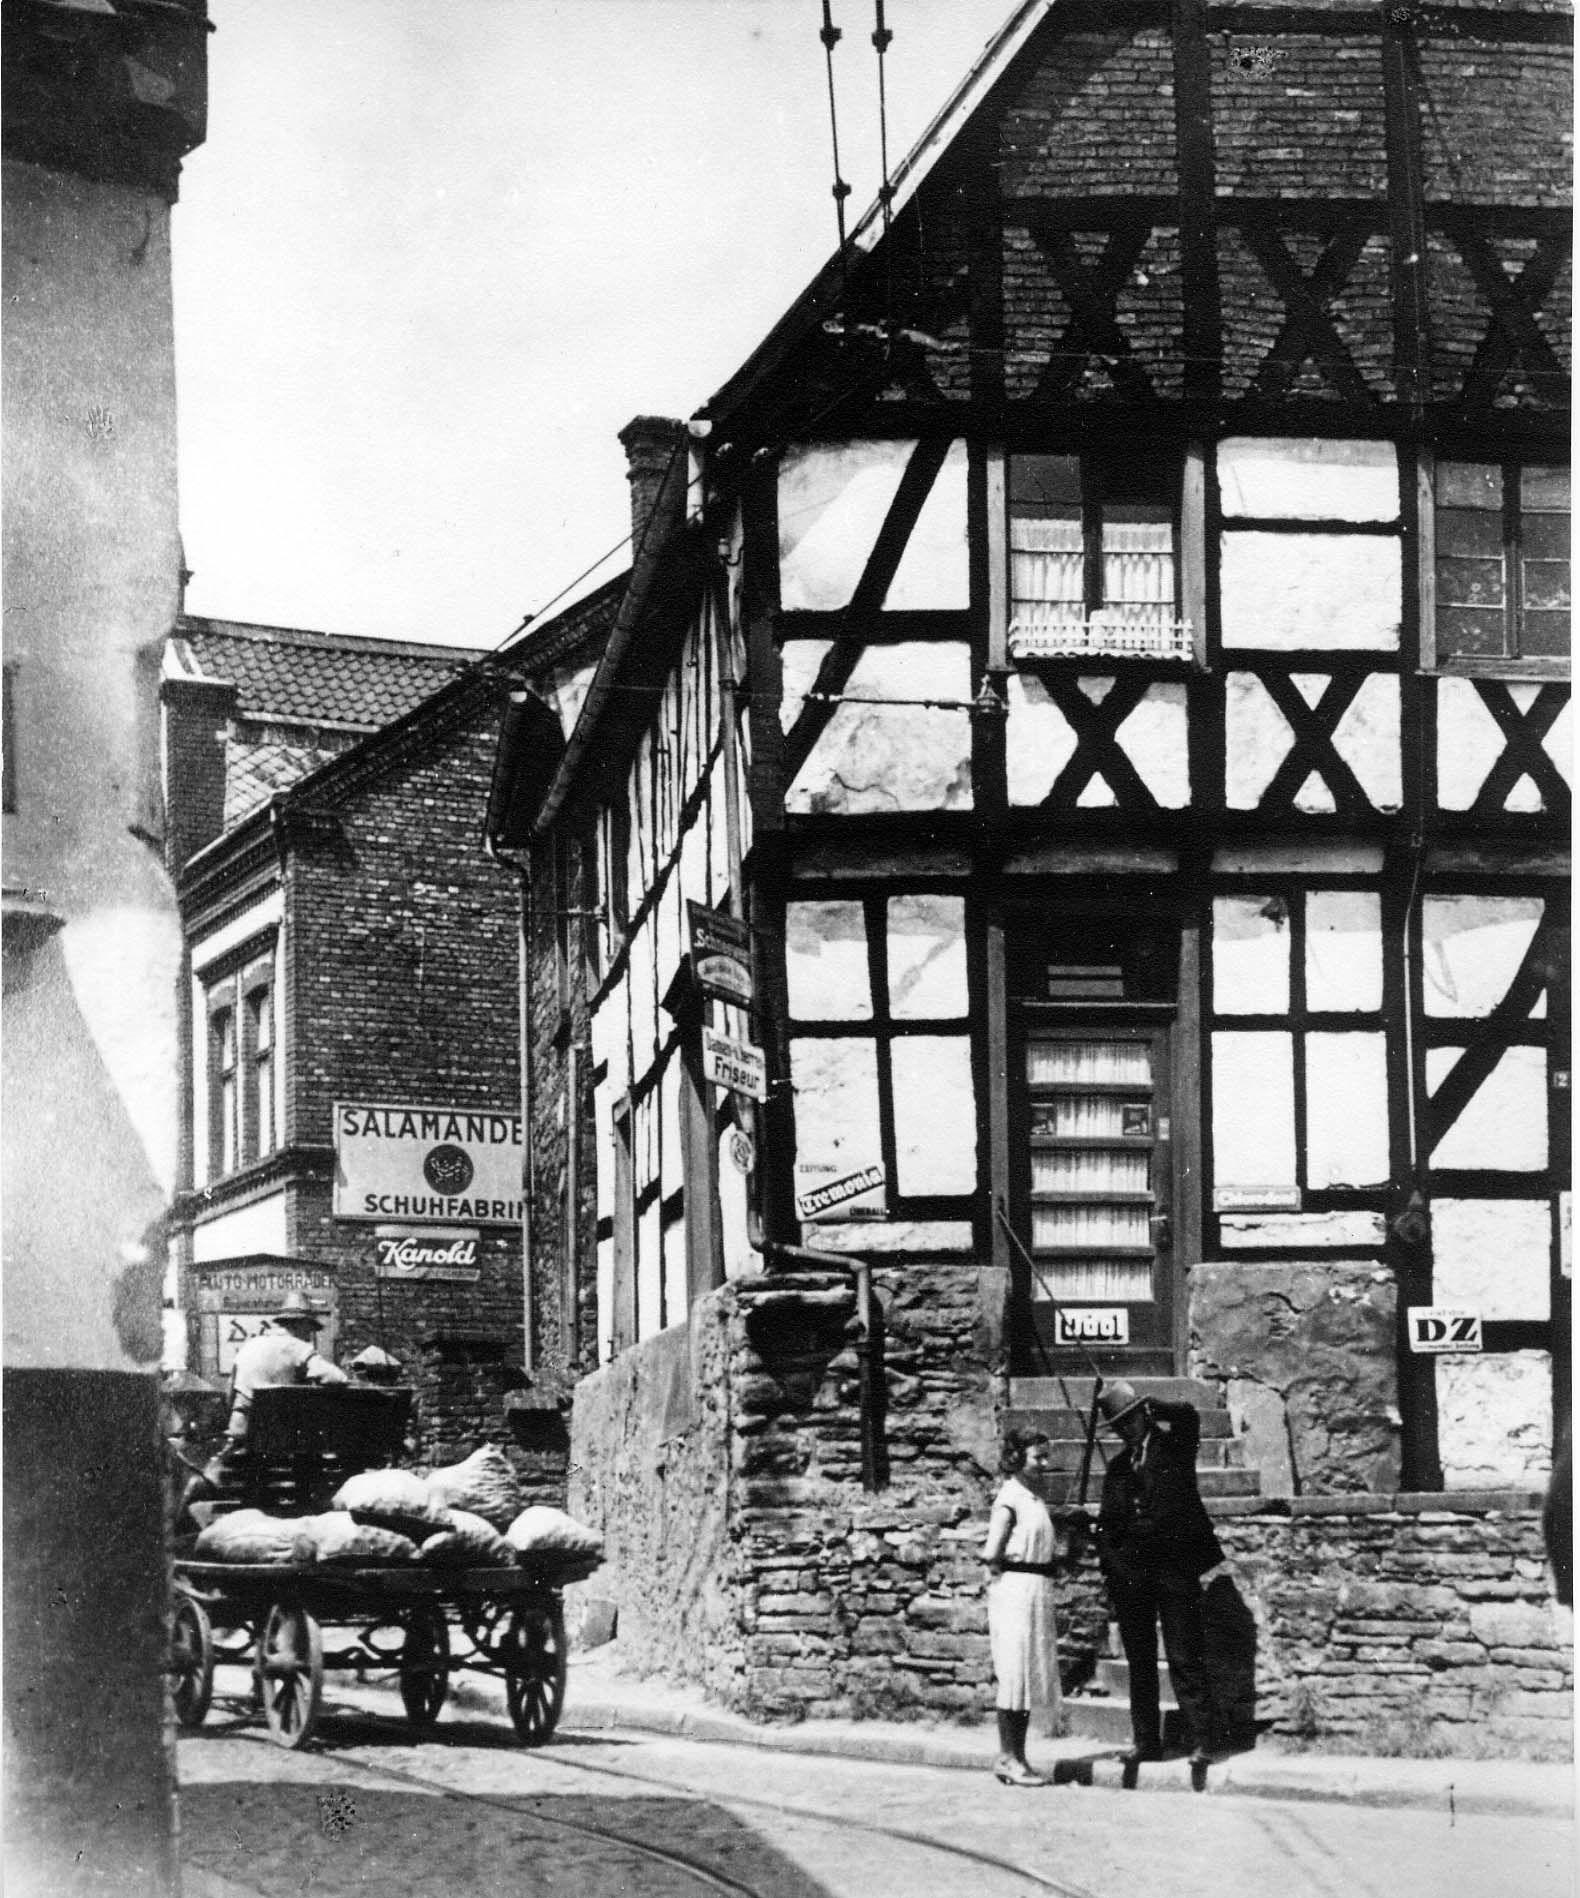 Hauptstraße, Herdecke, Westfalen, 30er Jahre Historische